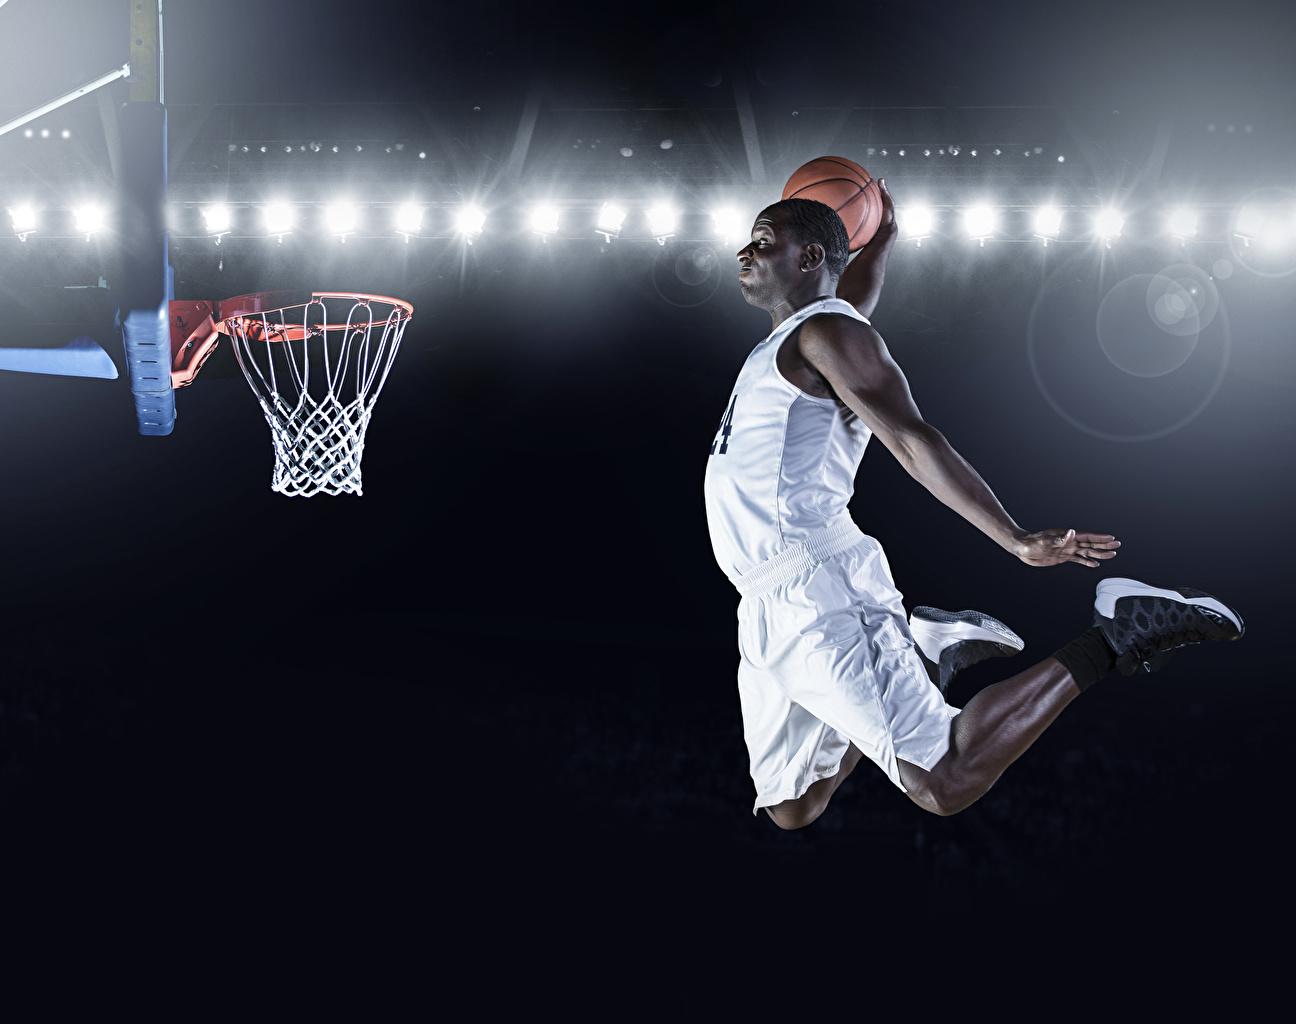 Фото Мужчины Негр Баскетбол спортивный Прыжок Мяч Руки униформе мужчина негры Спорт спортивные спортивная прыгает прыгать в прыжке рука Мячик Униформа